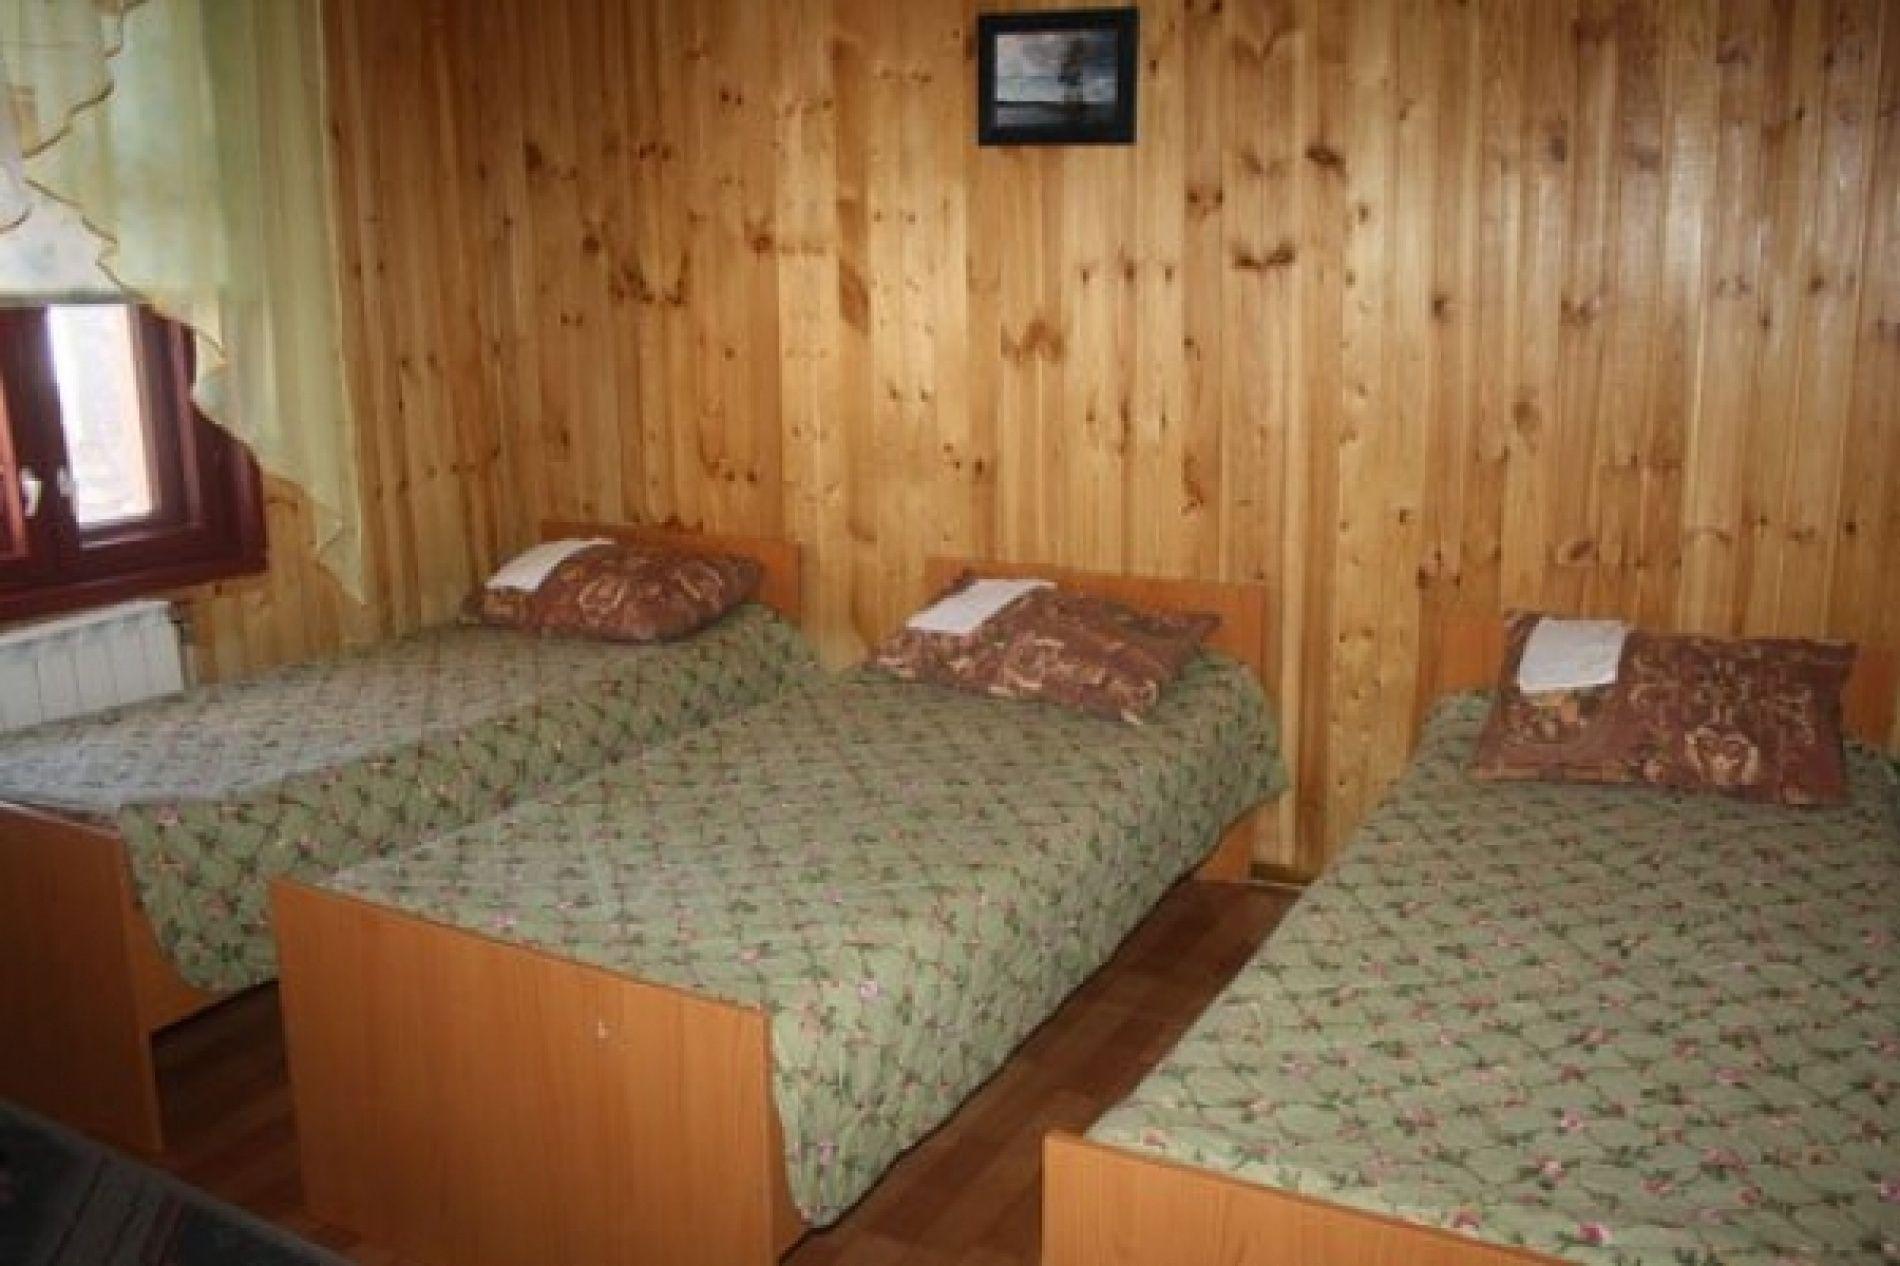 База отдыха «Кемпинг Сандал» Республика Карелия 3-местный номер в гостинице, фото 2